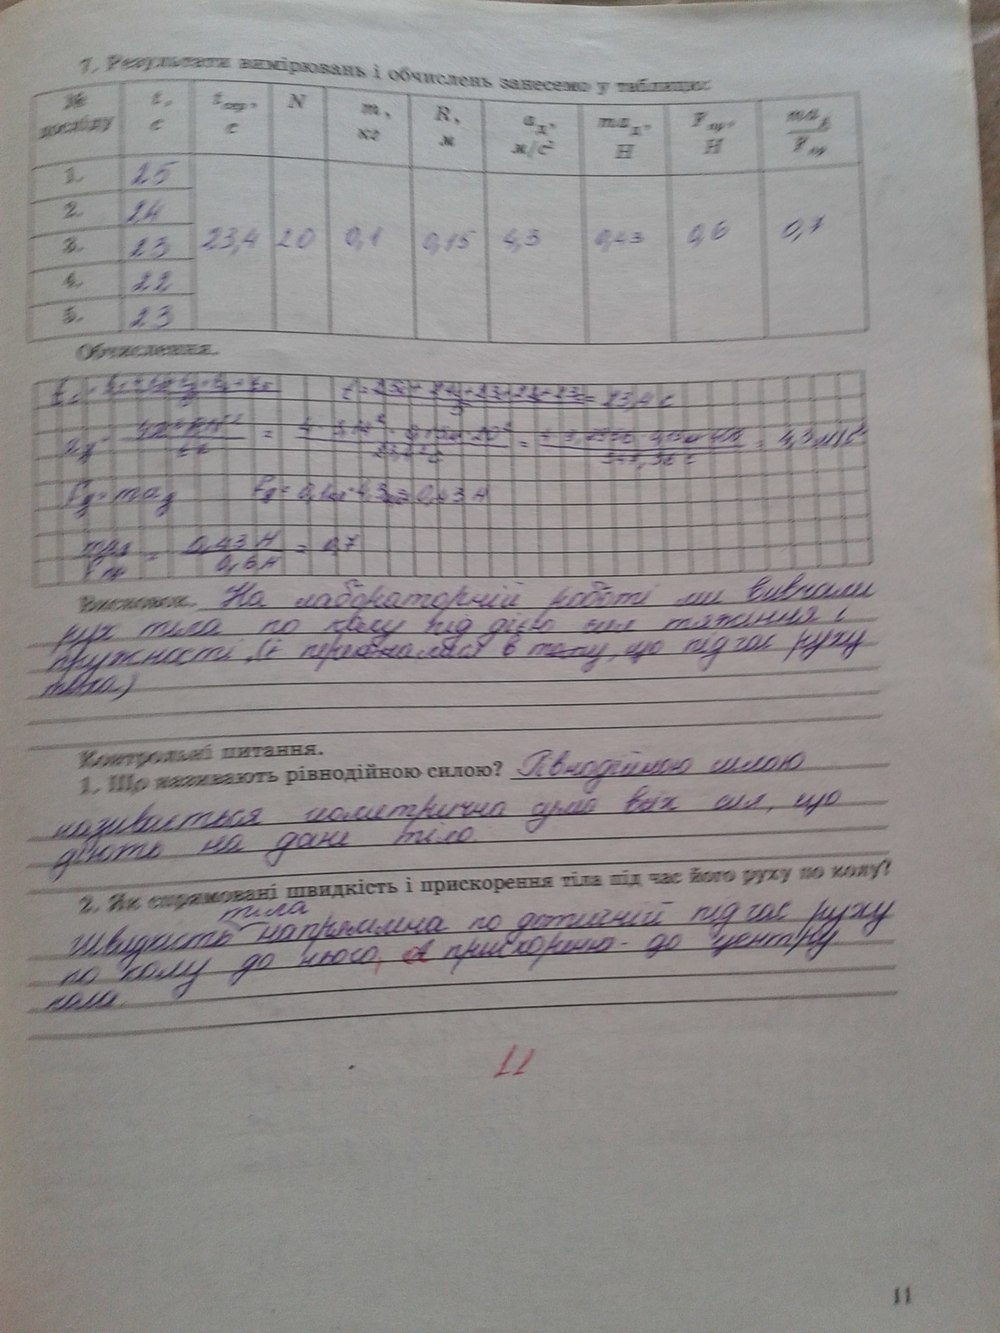 ГДЗ відповіді робочий зошит по физике 9 класс . Задание: стр. 11